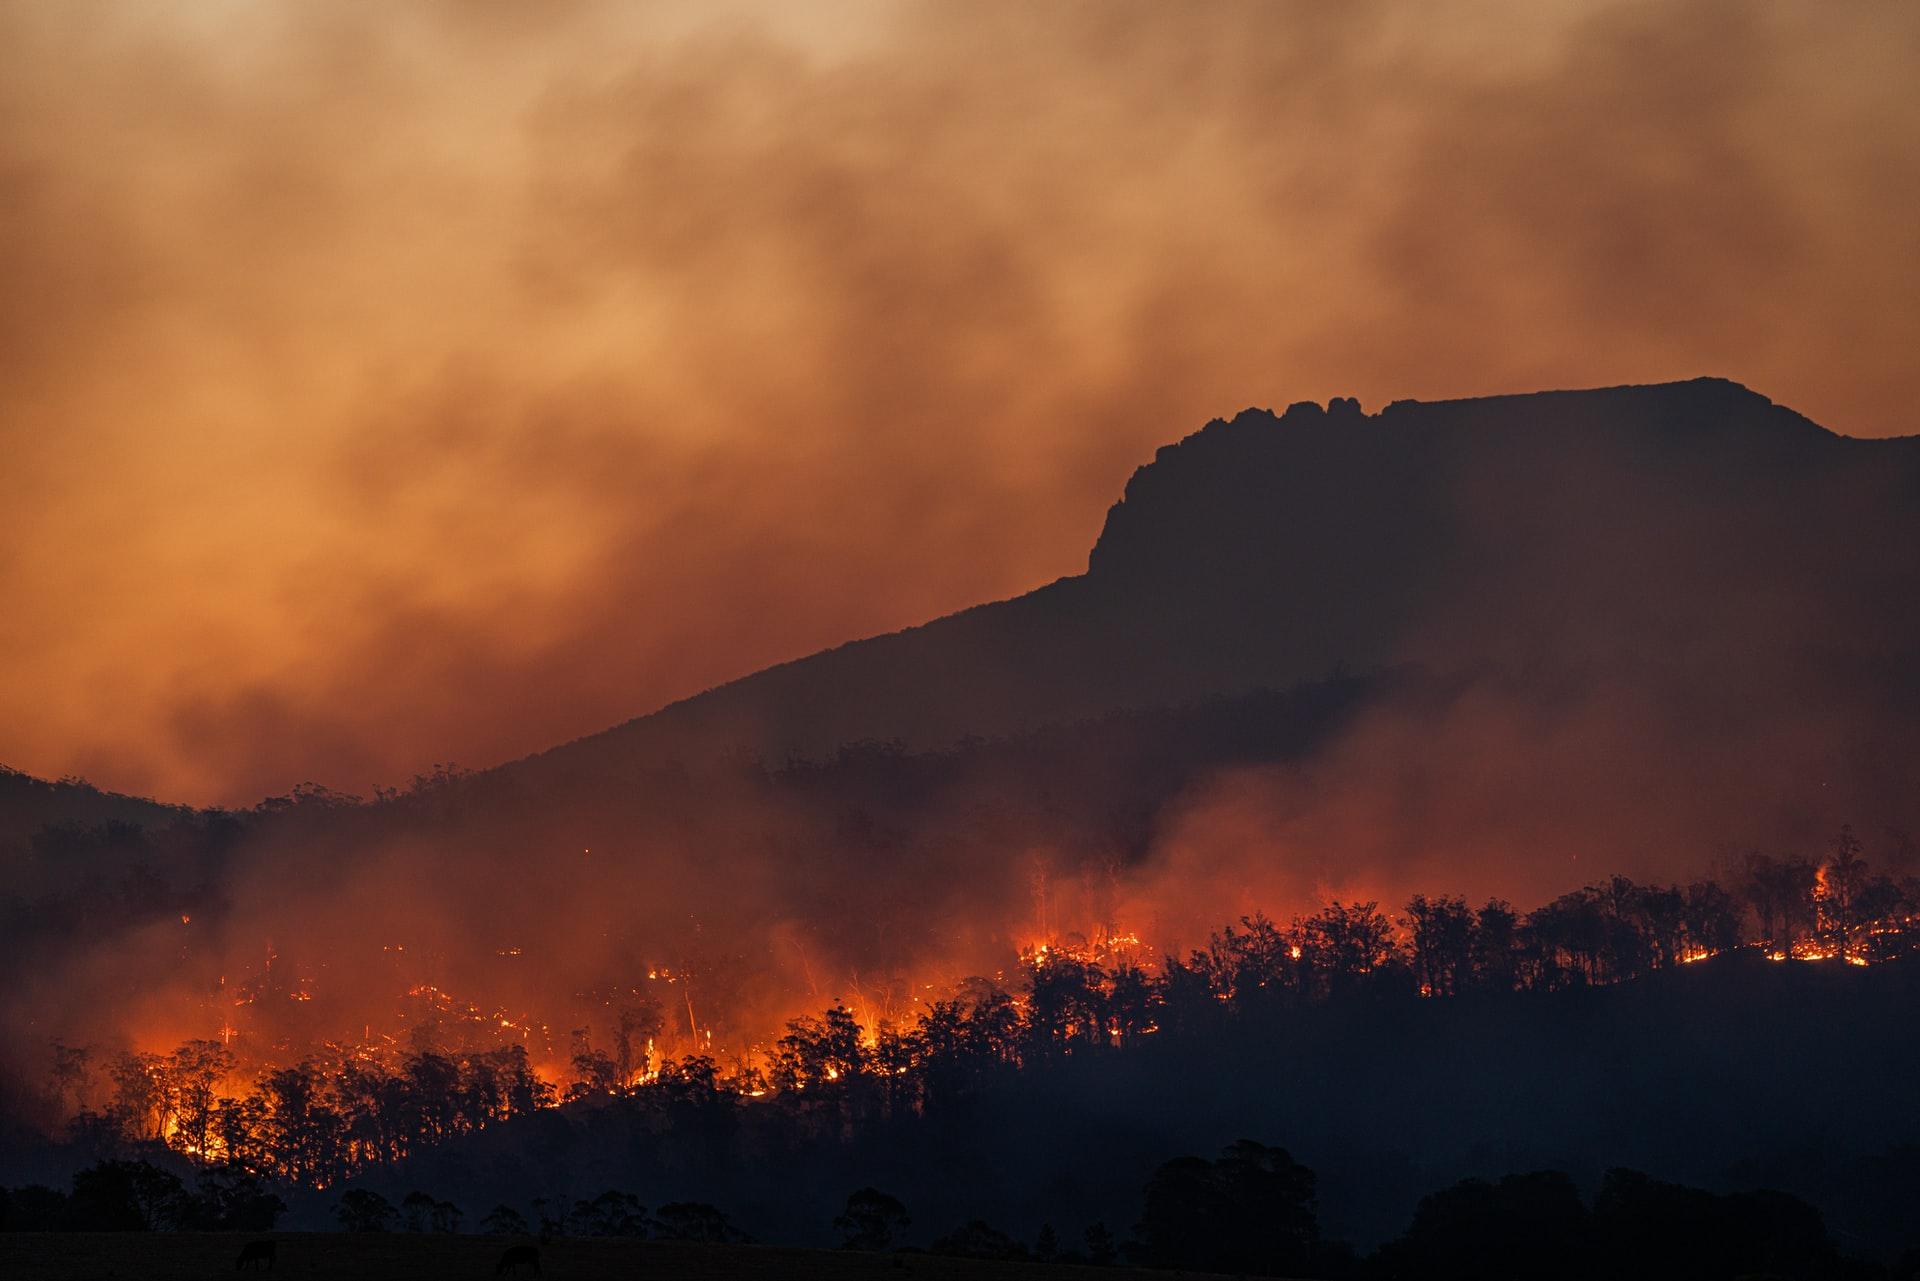 Pożar buszu, Tasmania, Australia. F. Matt Palmer on Unsplash.